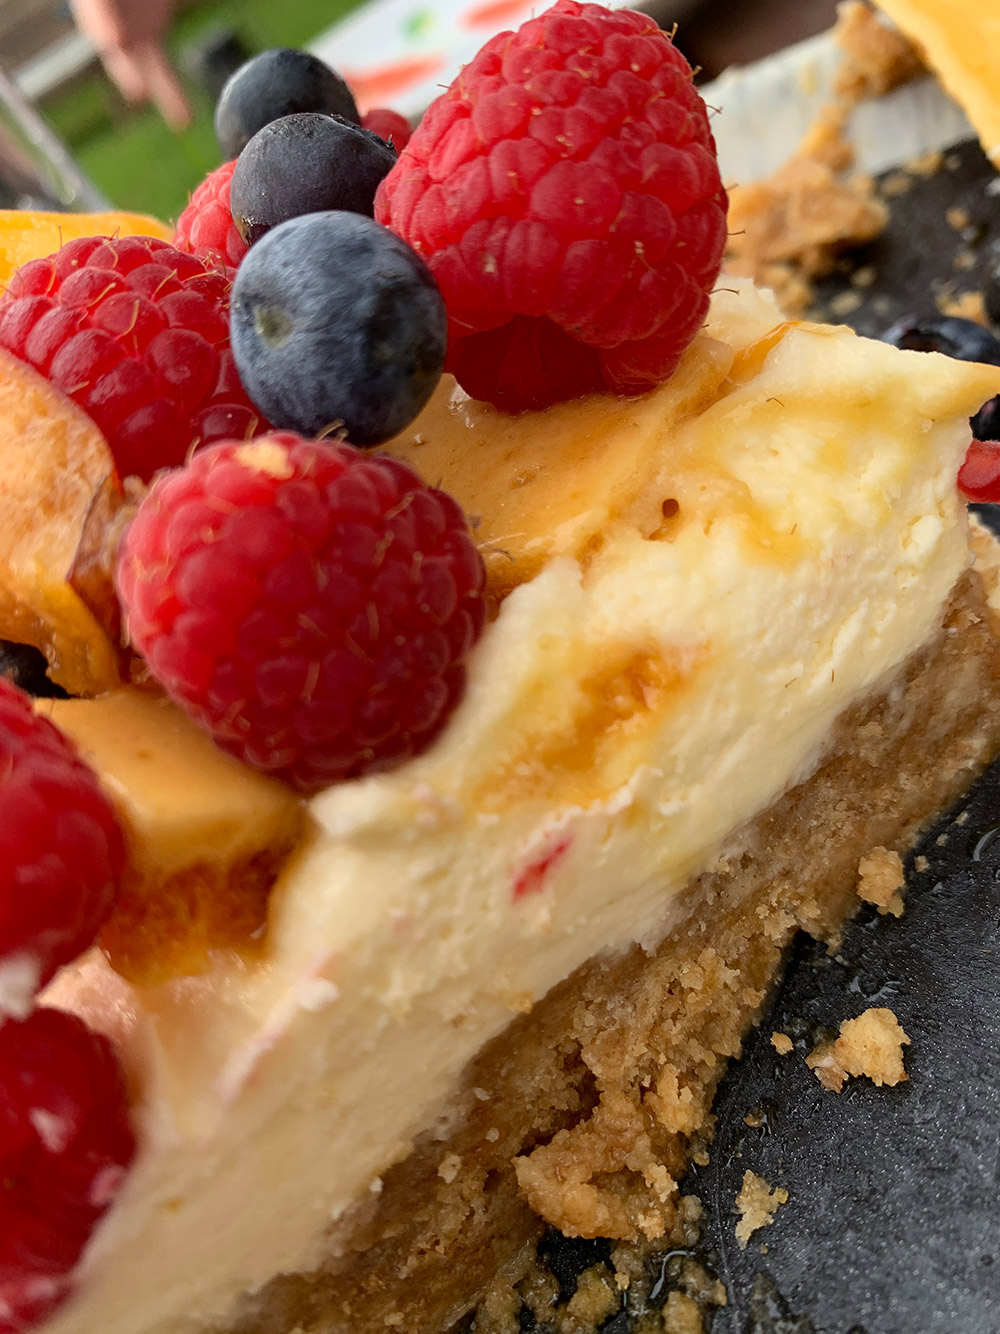 Lemon and Honeycomb Cheesecake